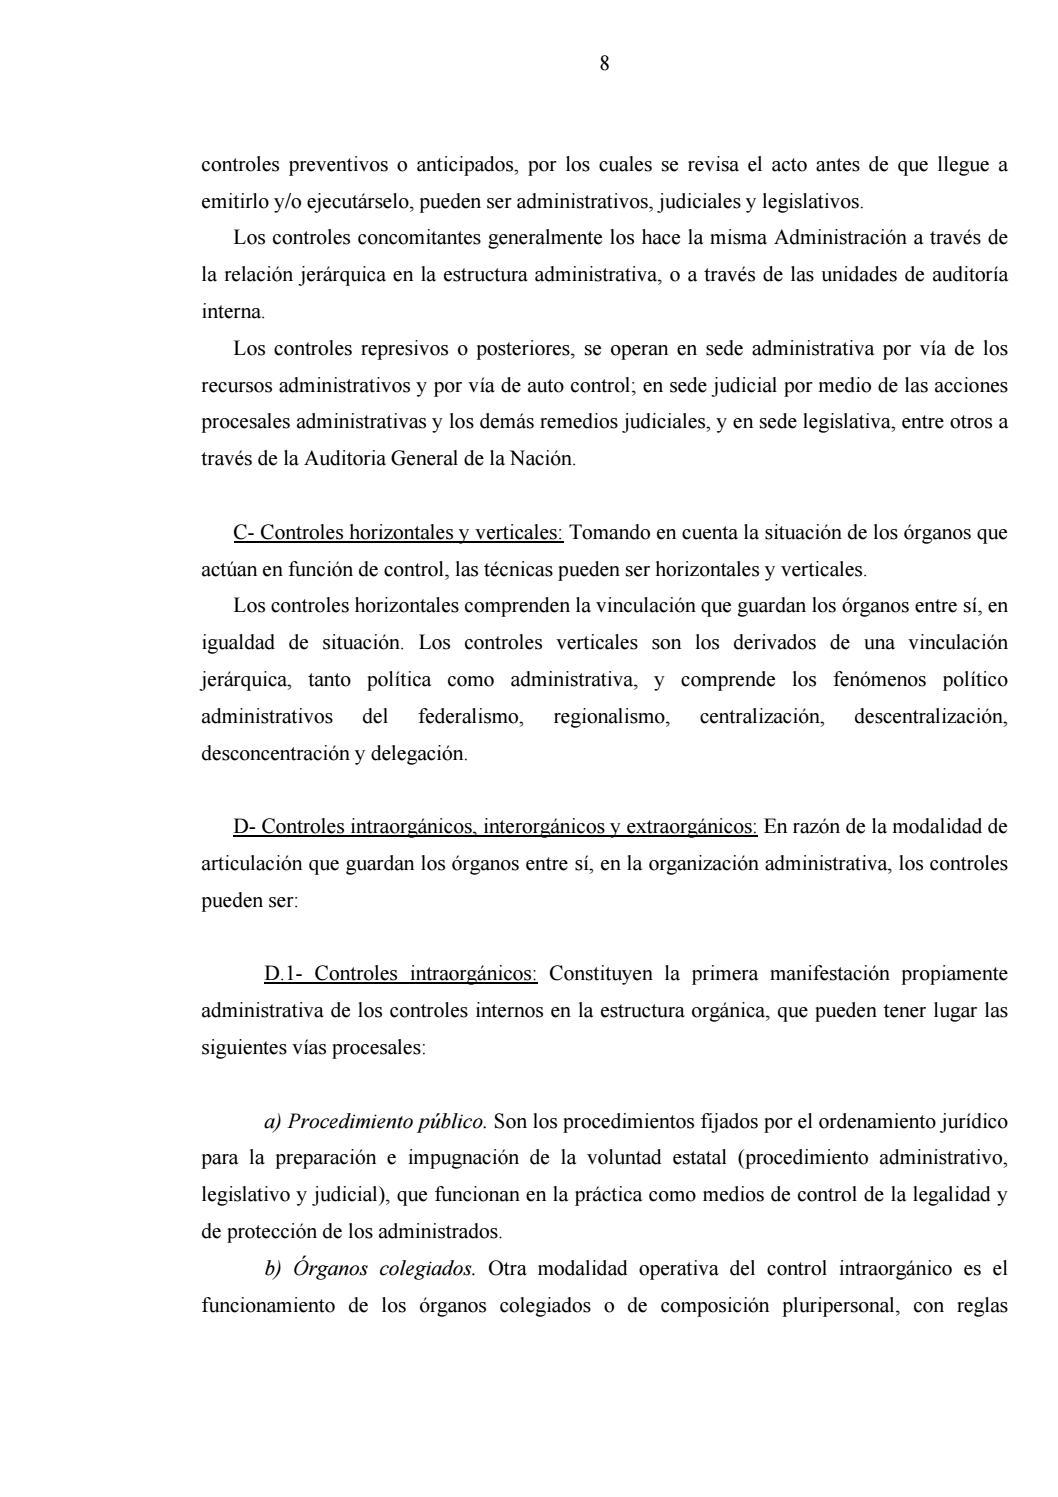 Control Estatal Sobre Sociedades Comerciales By Adeprin Issuu